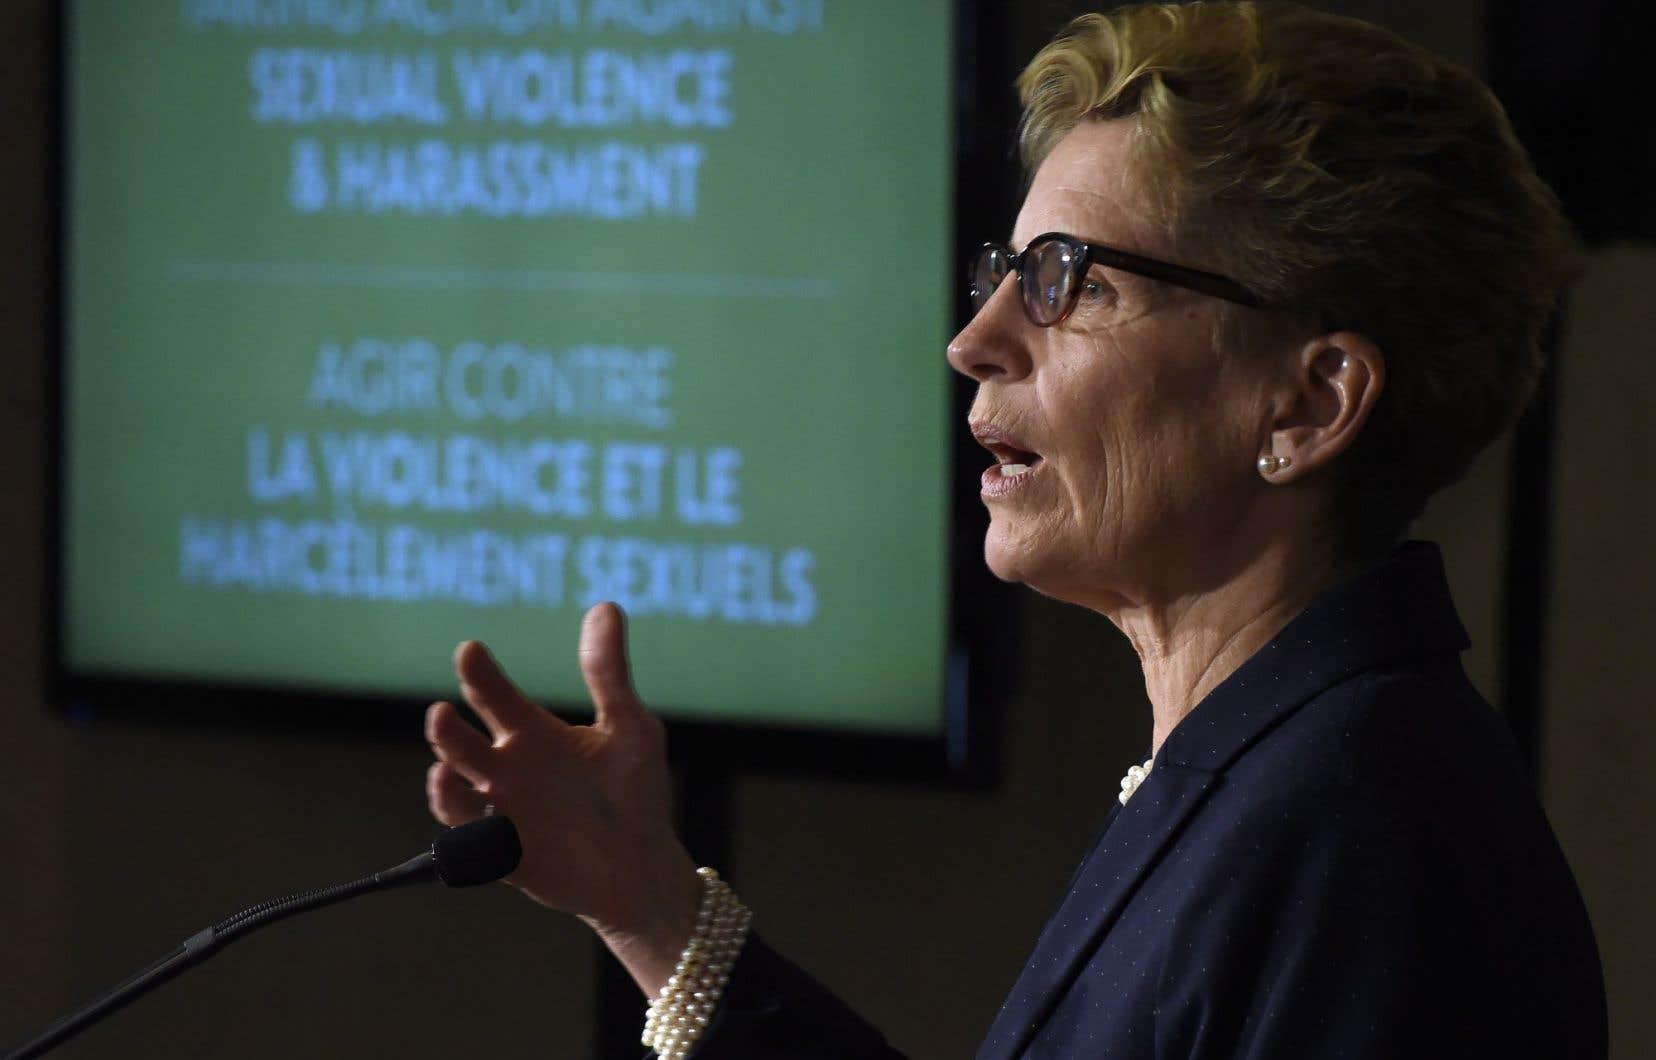 La première ministre ontarienne, Kathleen Wynne, a présenté vendredi matin des publicités, en anglais et en français, contre le harcèlement sexuel et la violence envers les femmes, dans le cadre d'un nouveau plan d'action provincial.